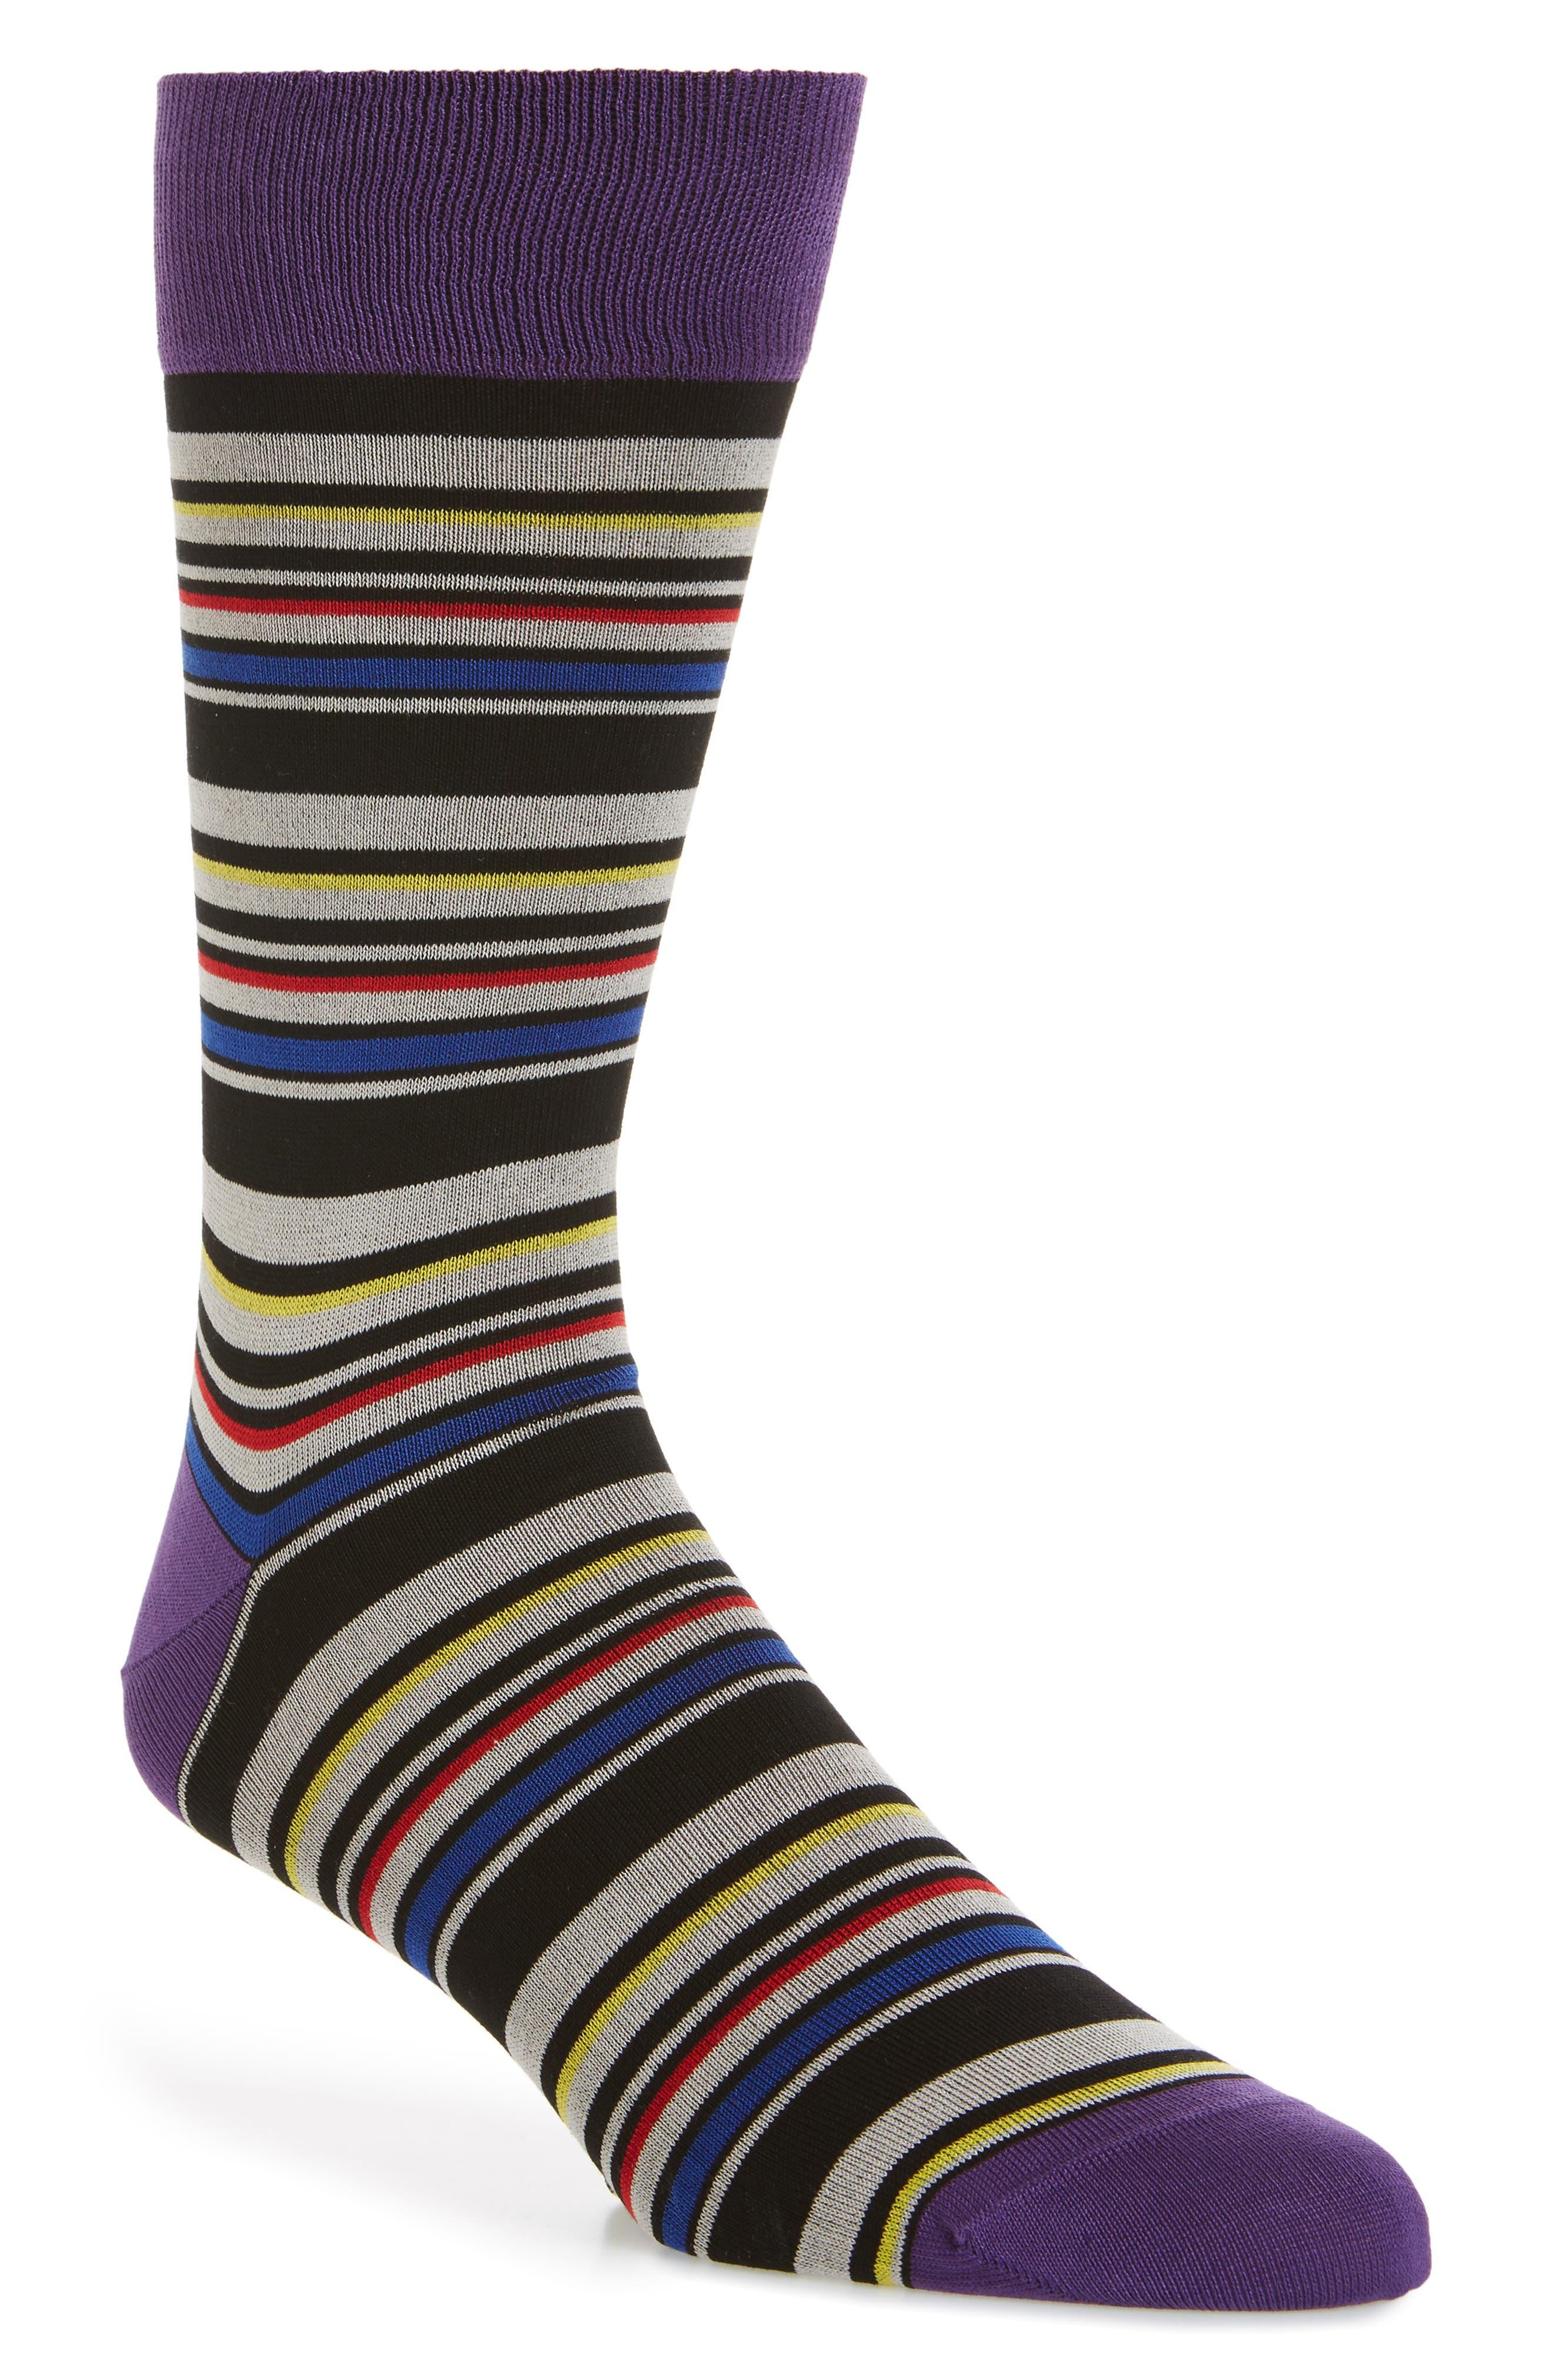 Stripe Socks,                             Main thumbnail 1, color,                             Grape